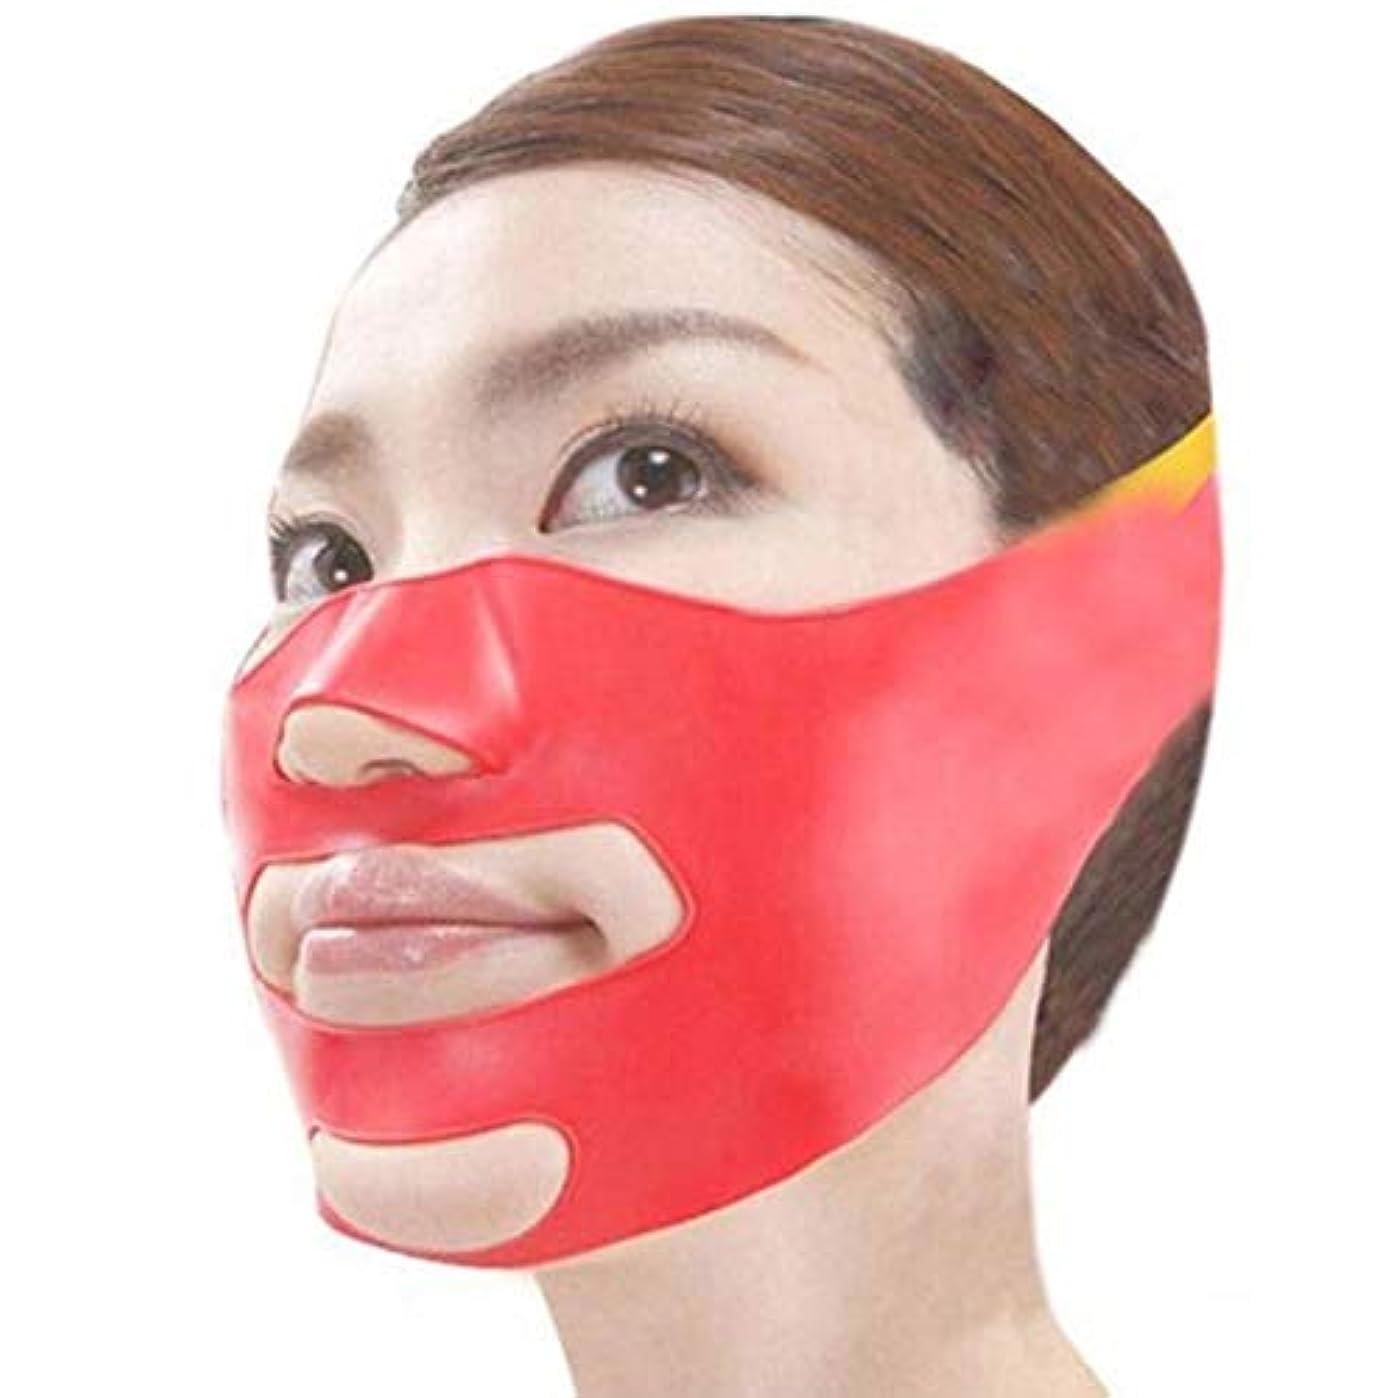 設計図田舎者アサーシリコーンフェイススリミングマスクフェイスチンリフトバンドスキンケアリフティングラップVシェイプダブルチンタイトベルト(Color:red)